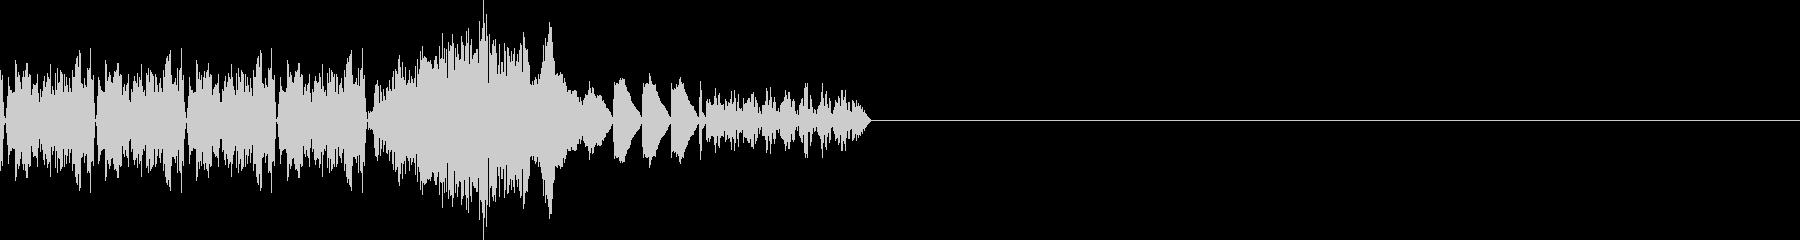 データ解析(画面にデータ表示)の未再生の波形